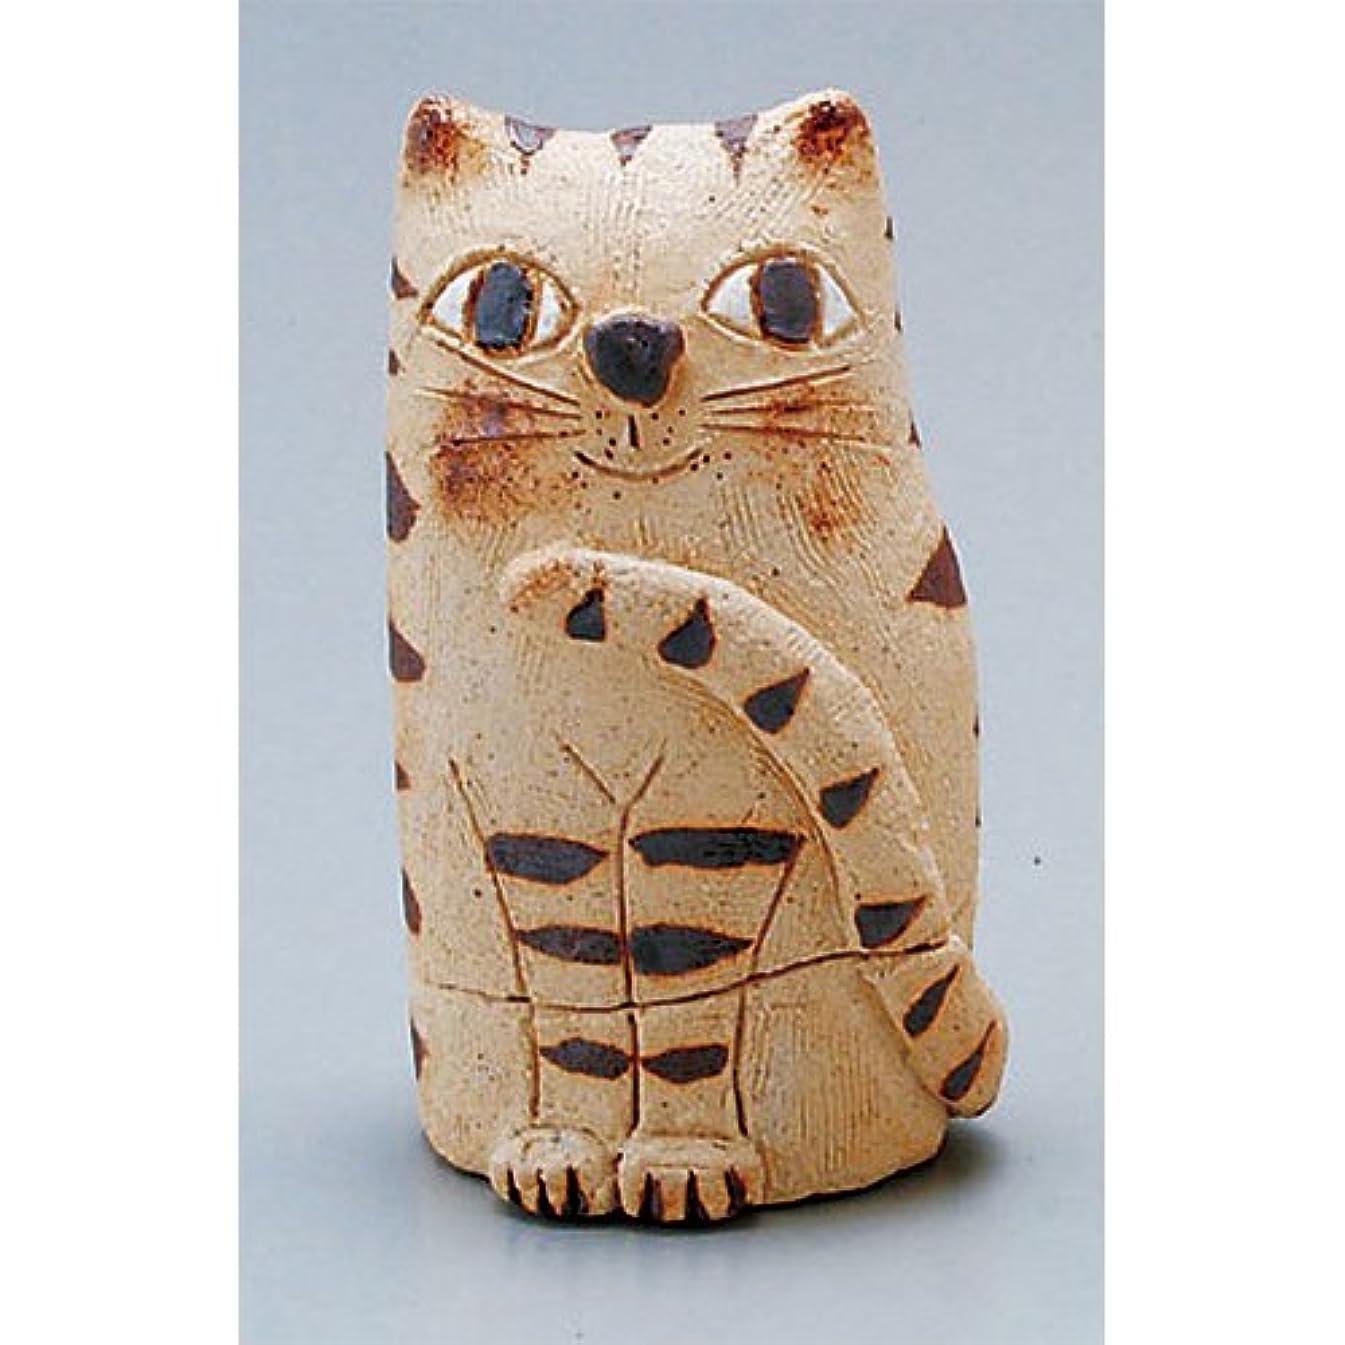 クリケットトラック恥ずかしさ香炉 蔵猫 香炉(小) [H11cm] HANDMADE プレゼント ギフト 和食器 かわいい インテリア